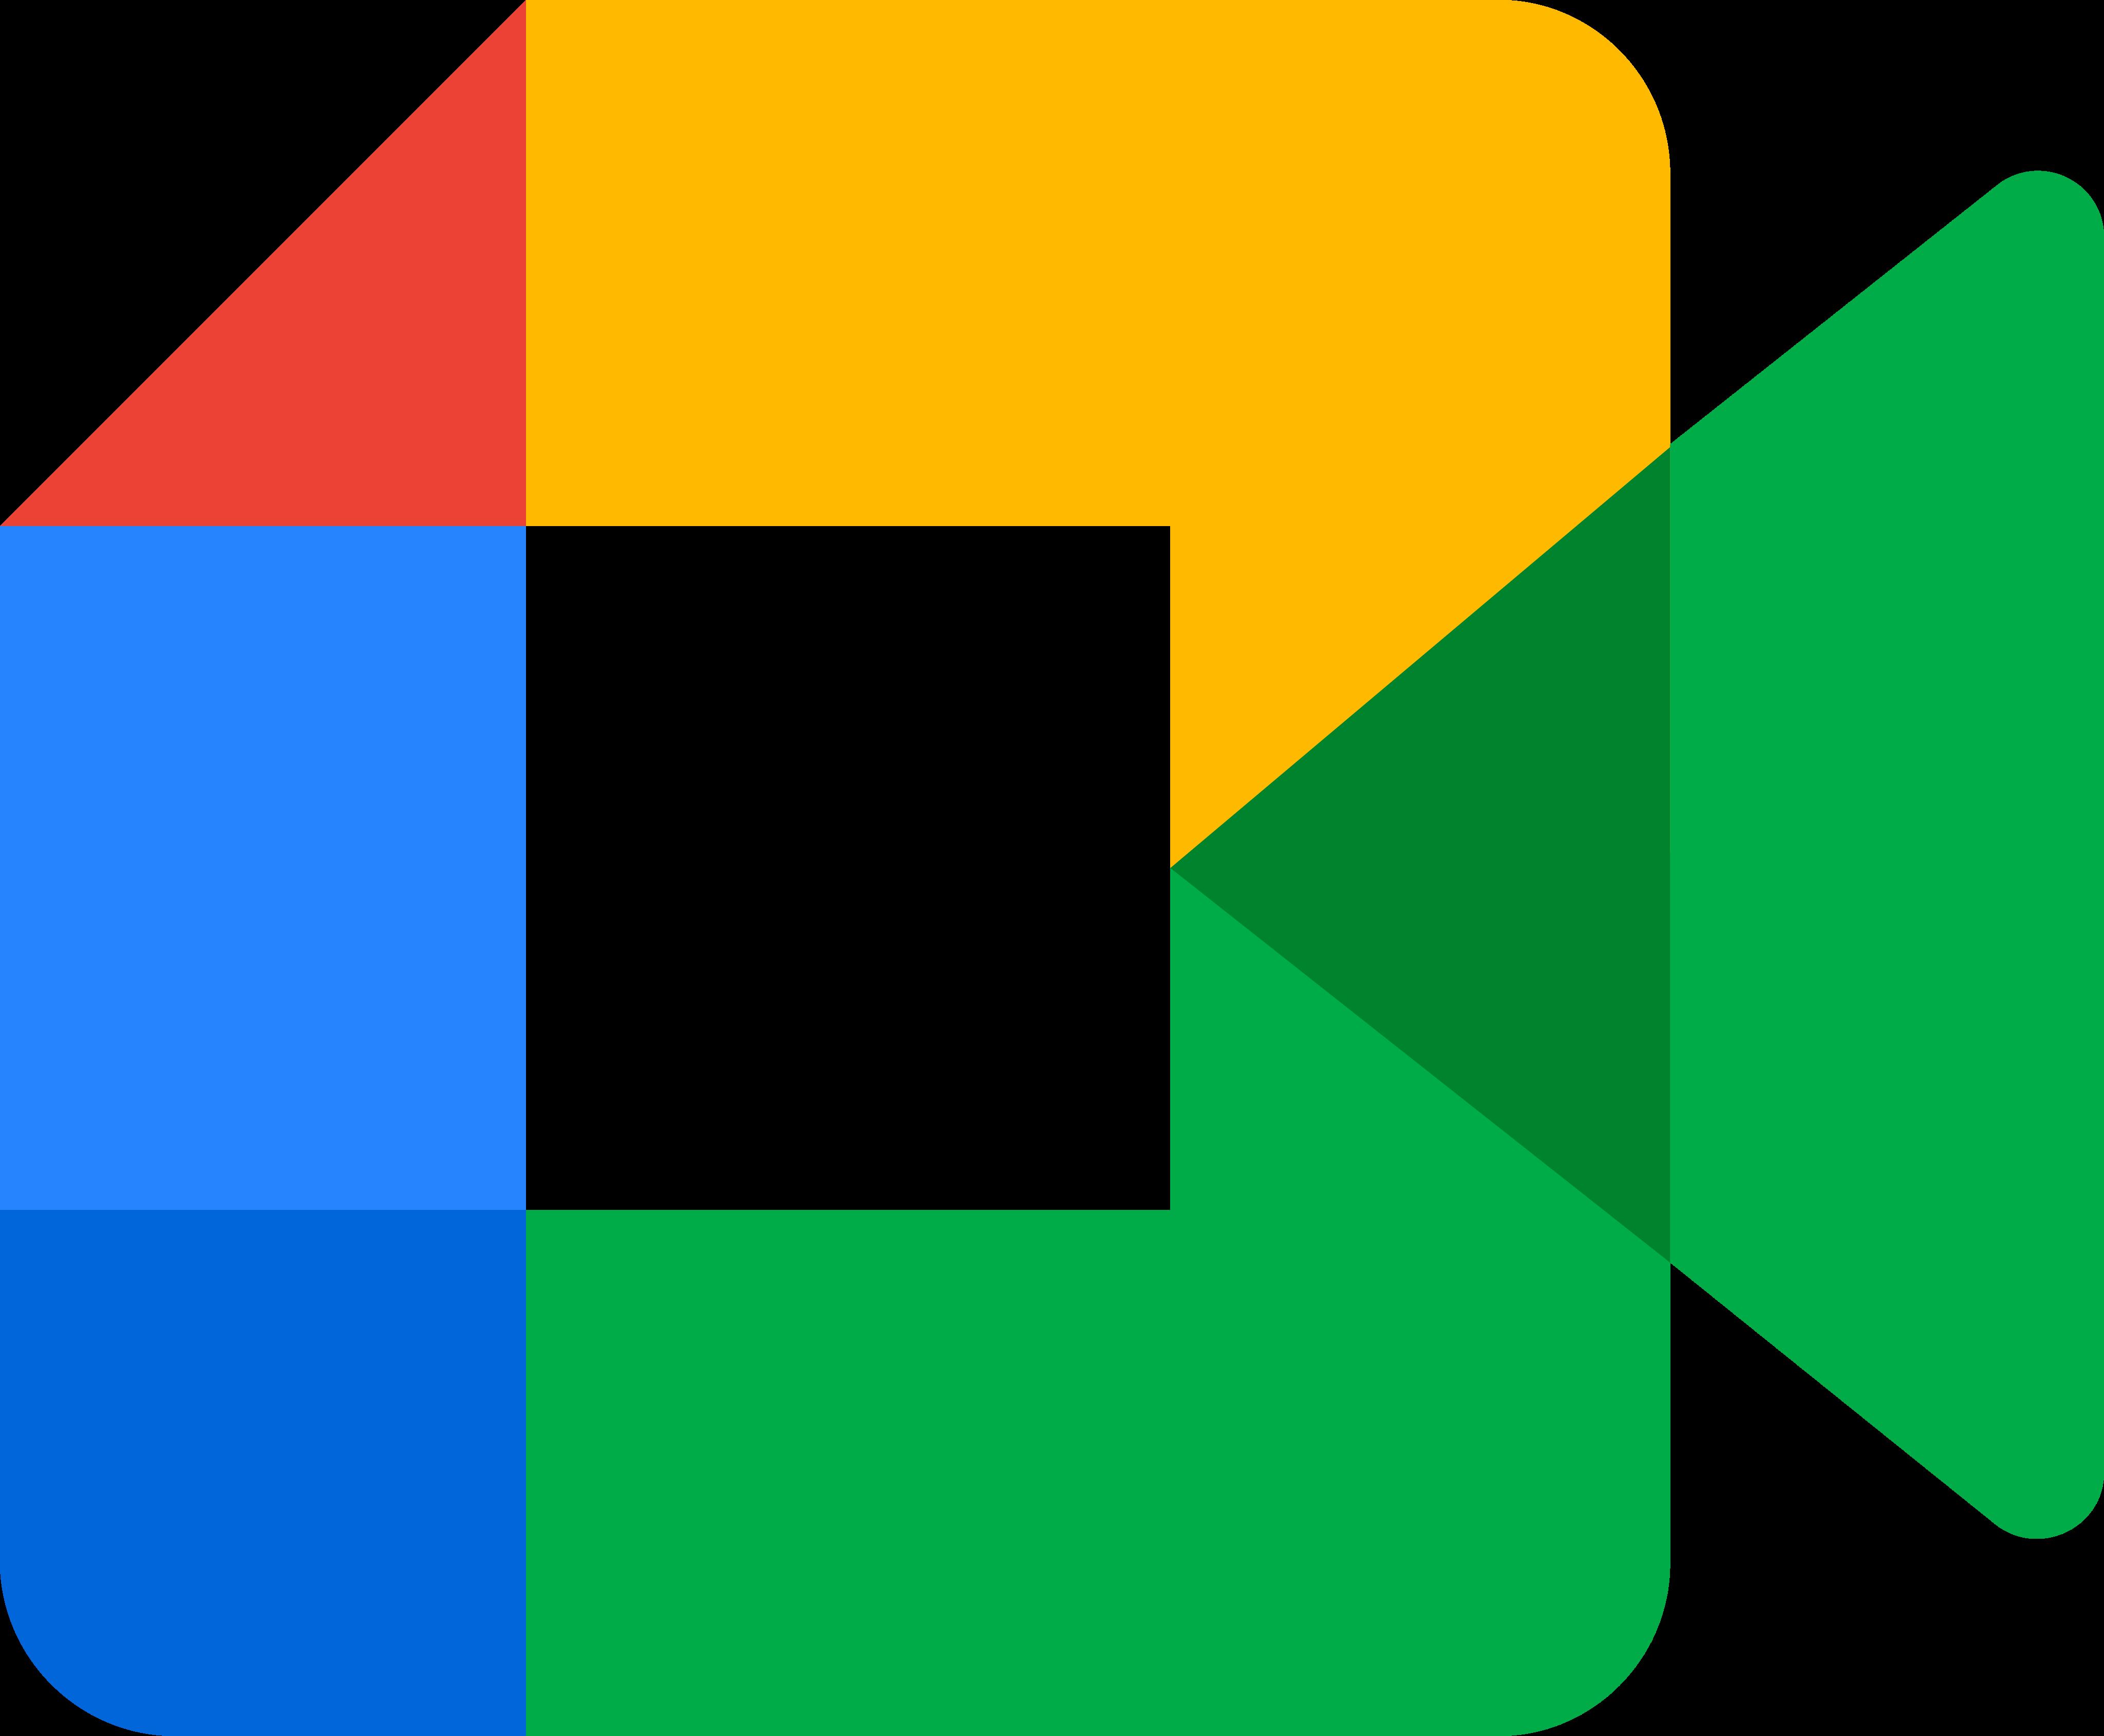 google meet logo 6 - Google Meet Logo